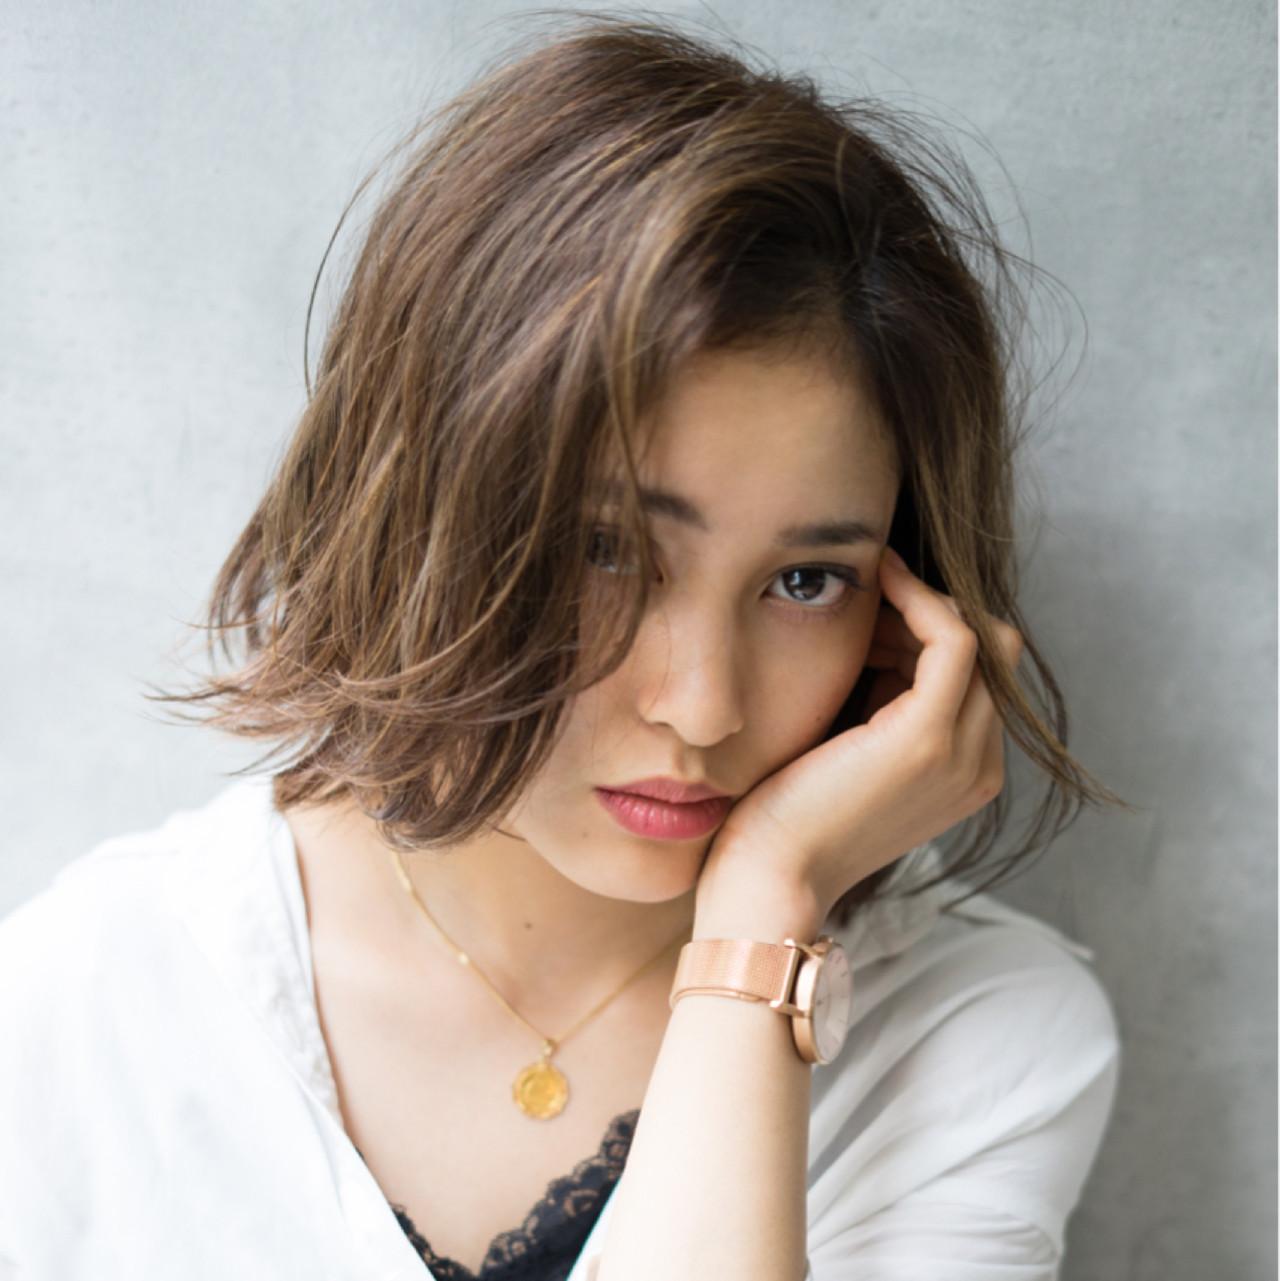 前髪なしミディアムボブでクールビューティーを演出♡ 山田涼一